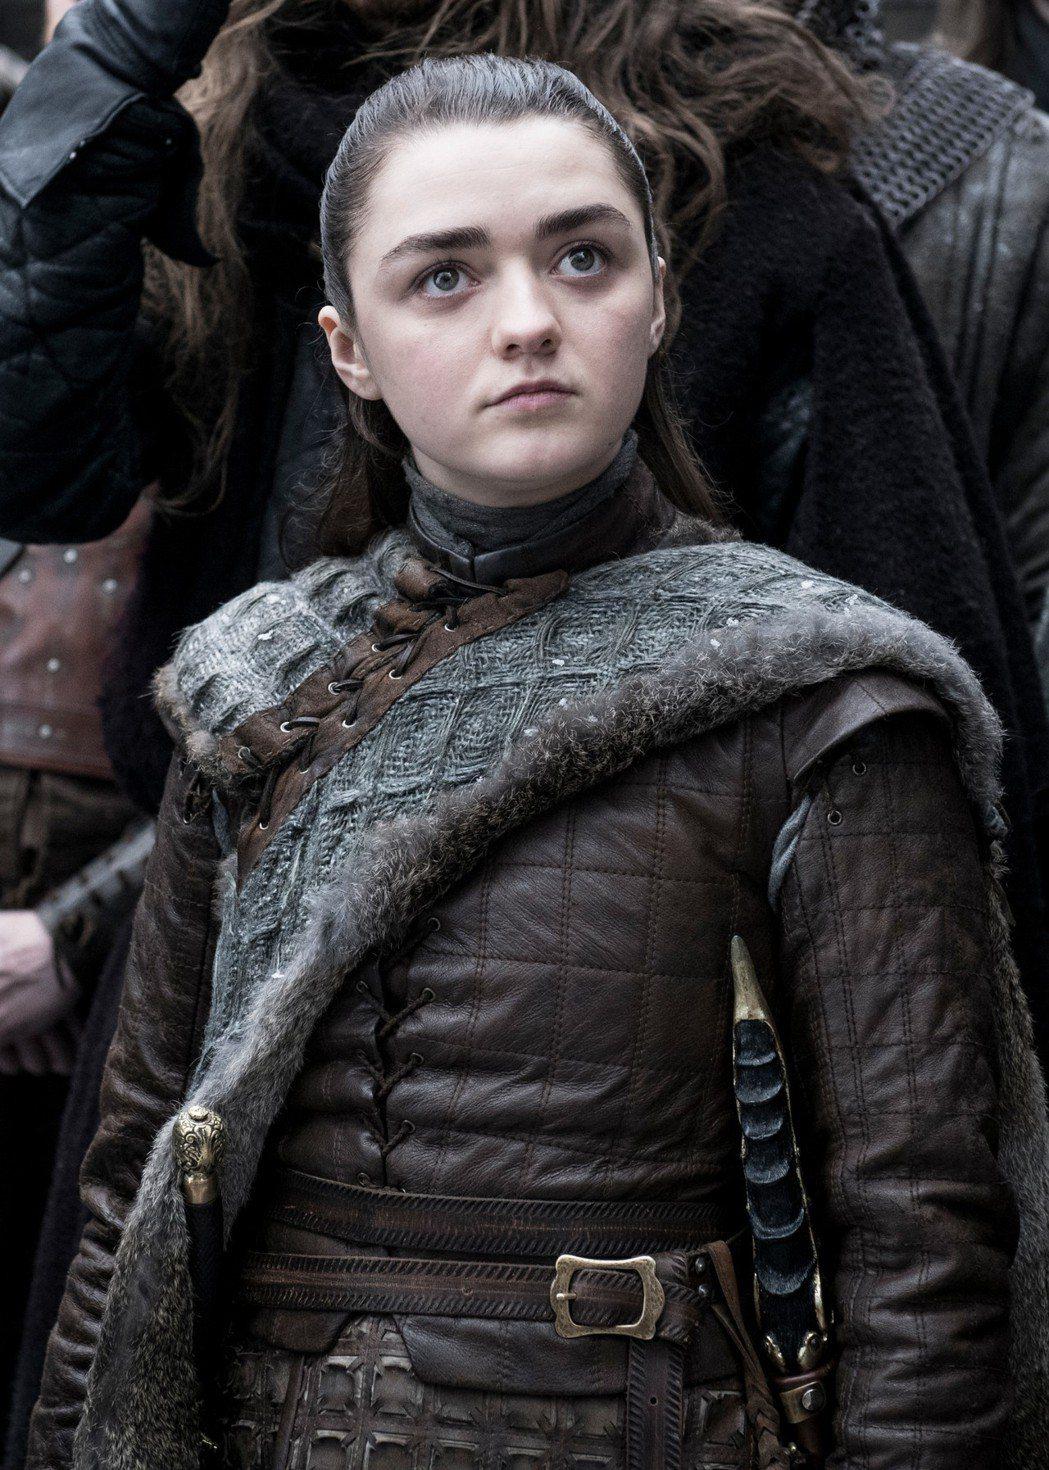 艾莉亞史塔克在「冰與火之歌:權力遊戲」最終季又將面臨凶險。圖/HBO提供